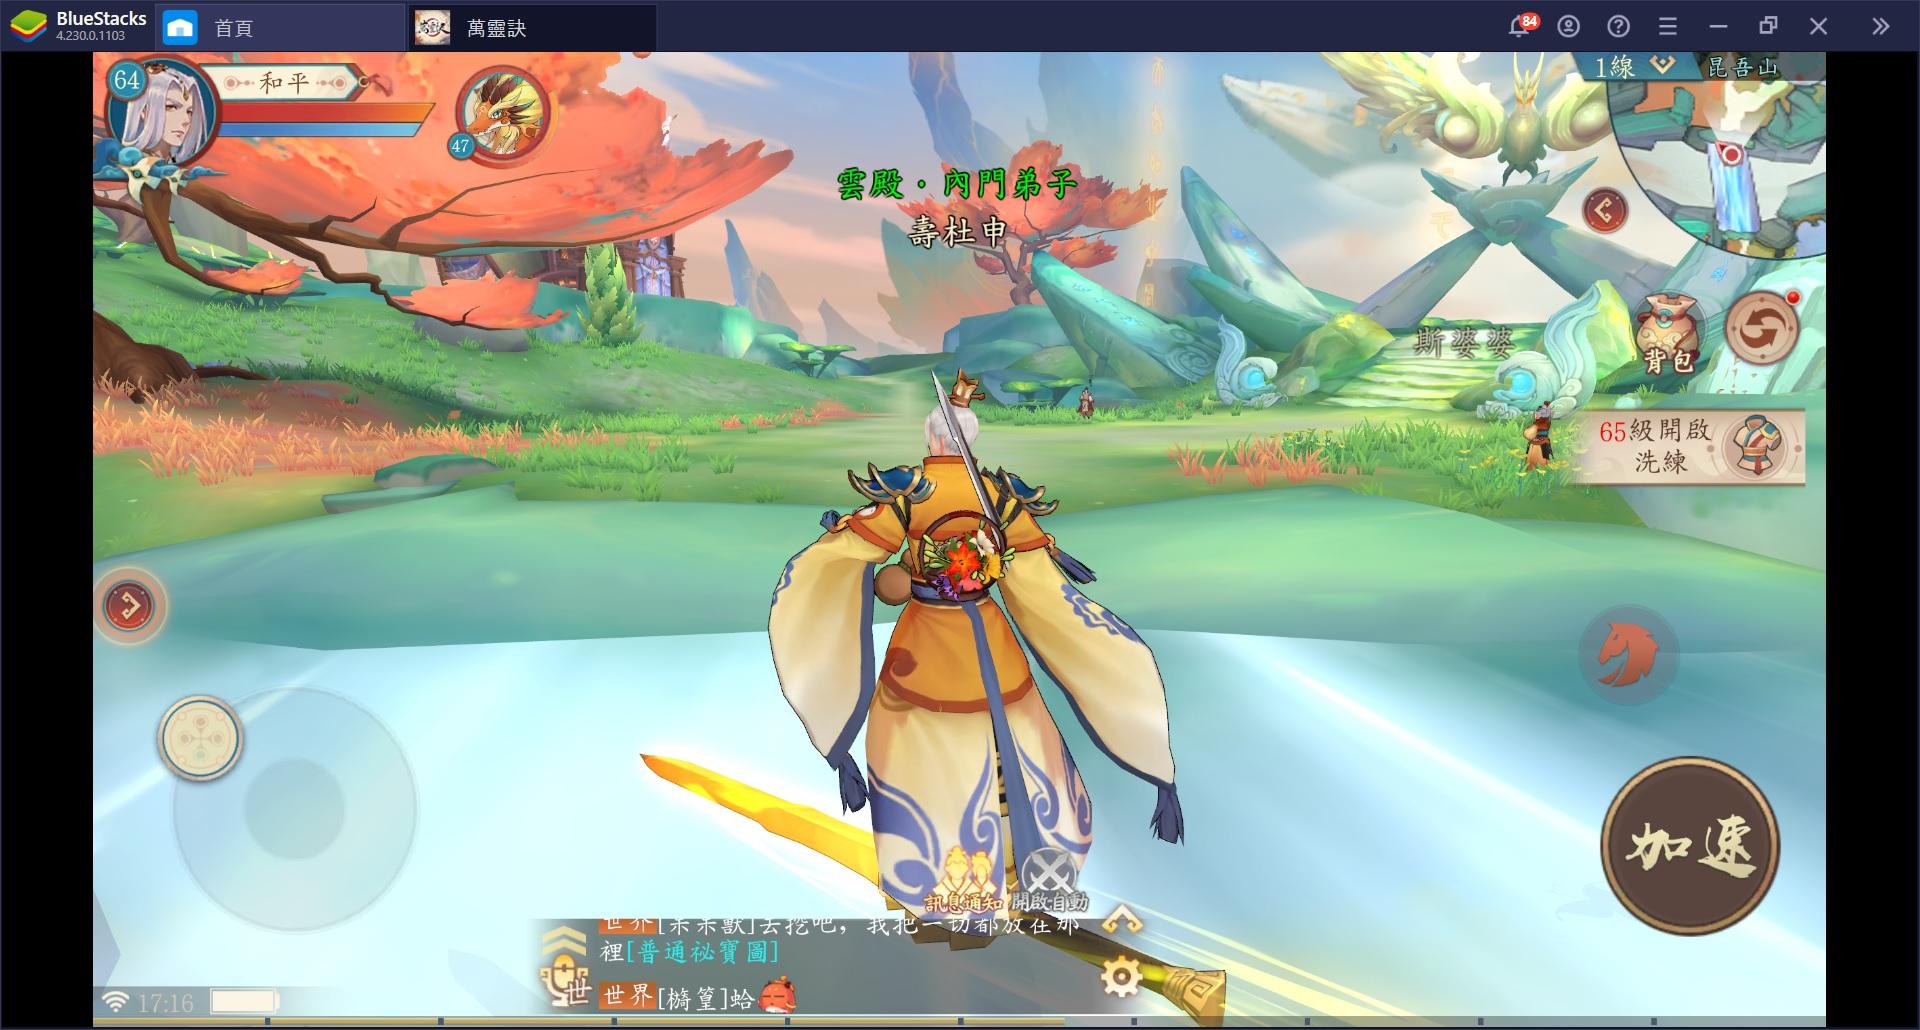 使用BlueStacks在PC上體驗奇遇修真動作RPG手游《萬靈訣》